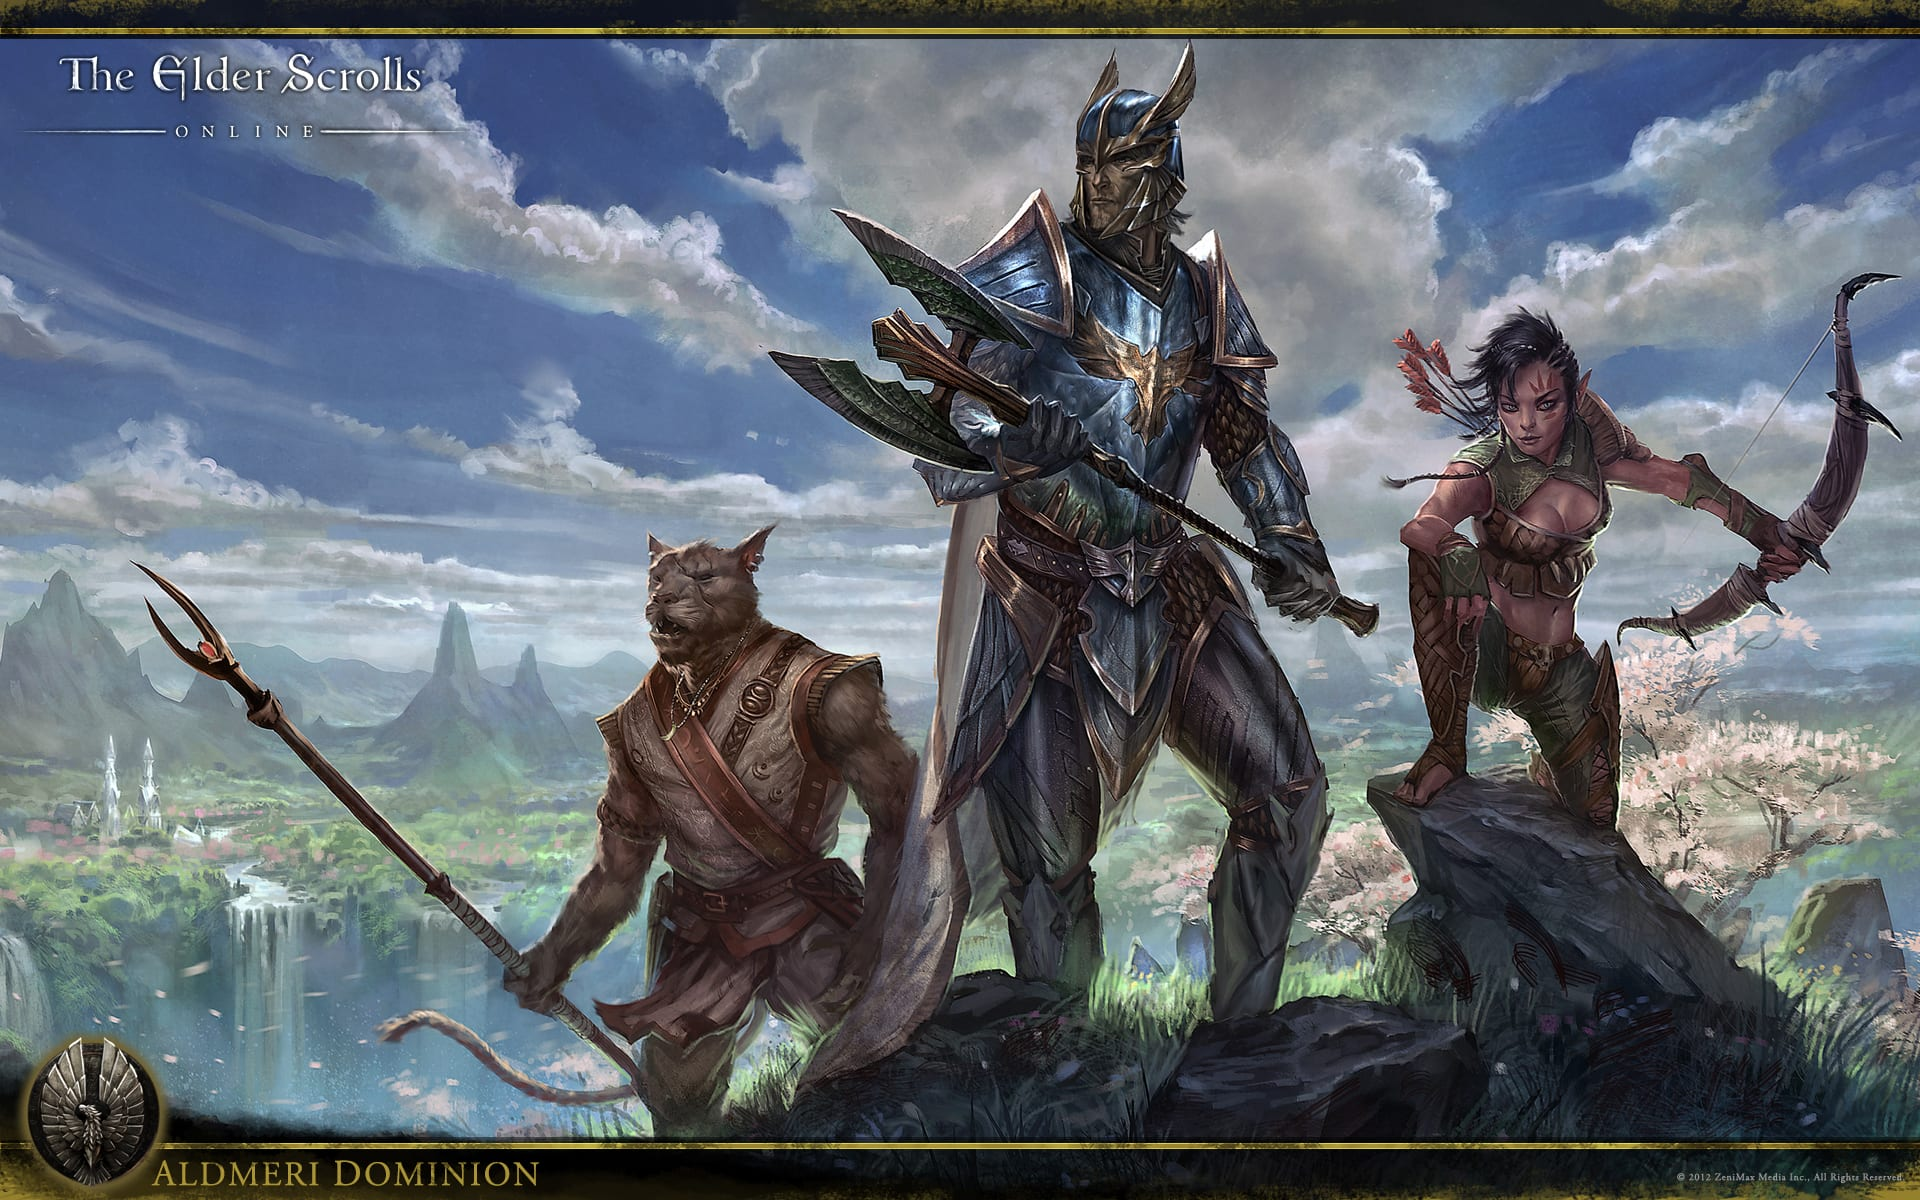 Best Elder Scrolls Online Hd Wallpaper - best wallpaper